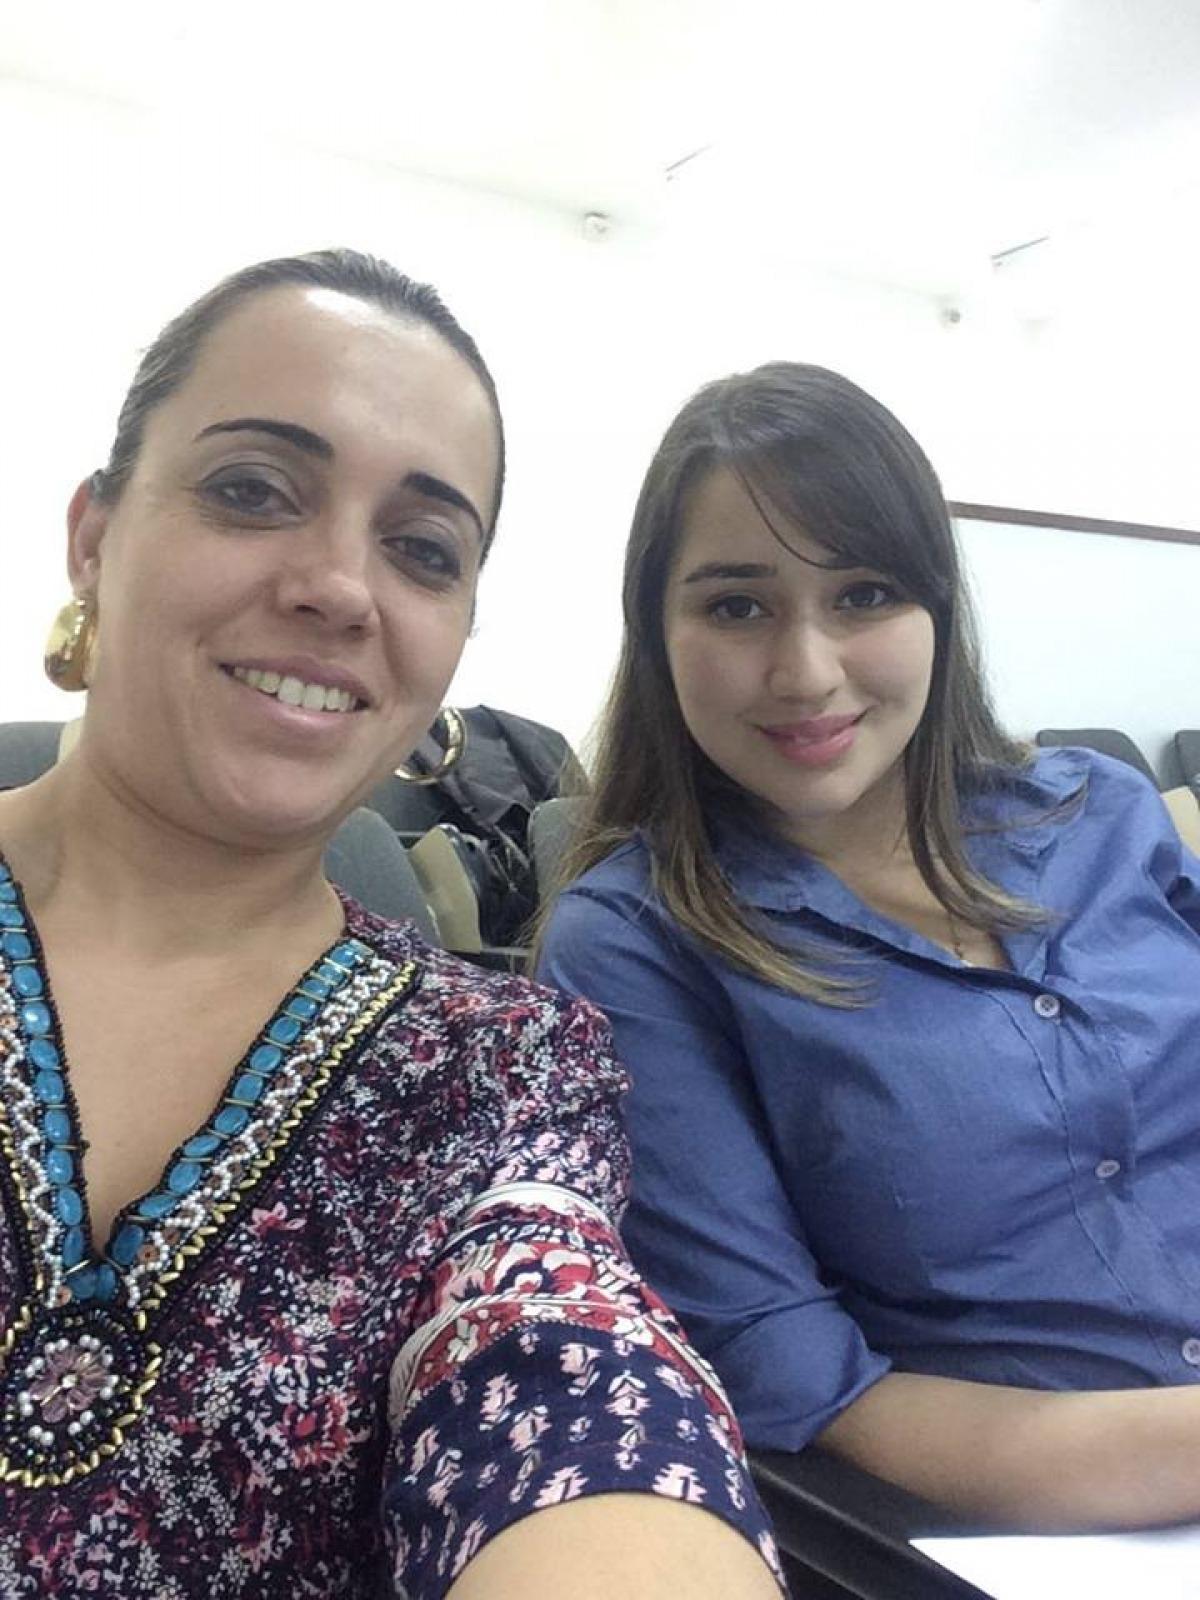 Colaboradoras do HSL encontram-se em Porto Alegre participando do Fórum de RH na FEHOSUL